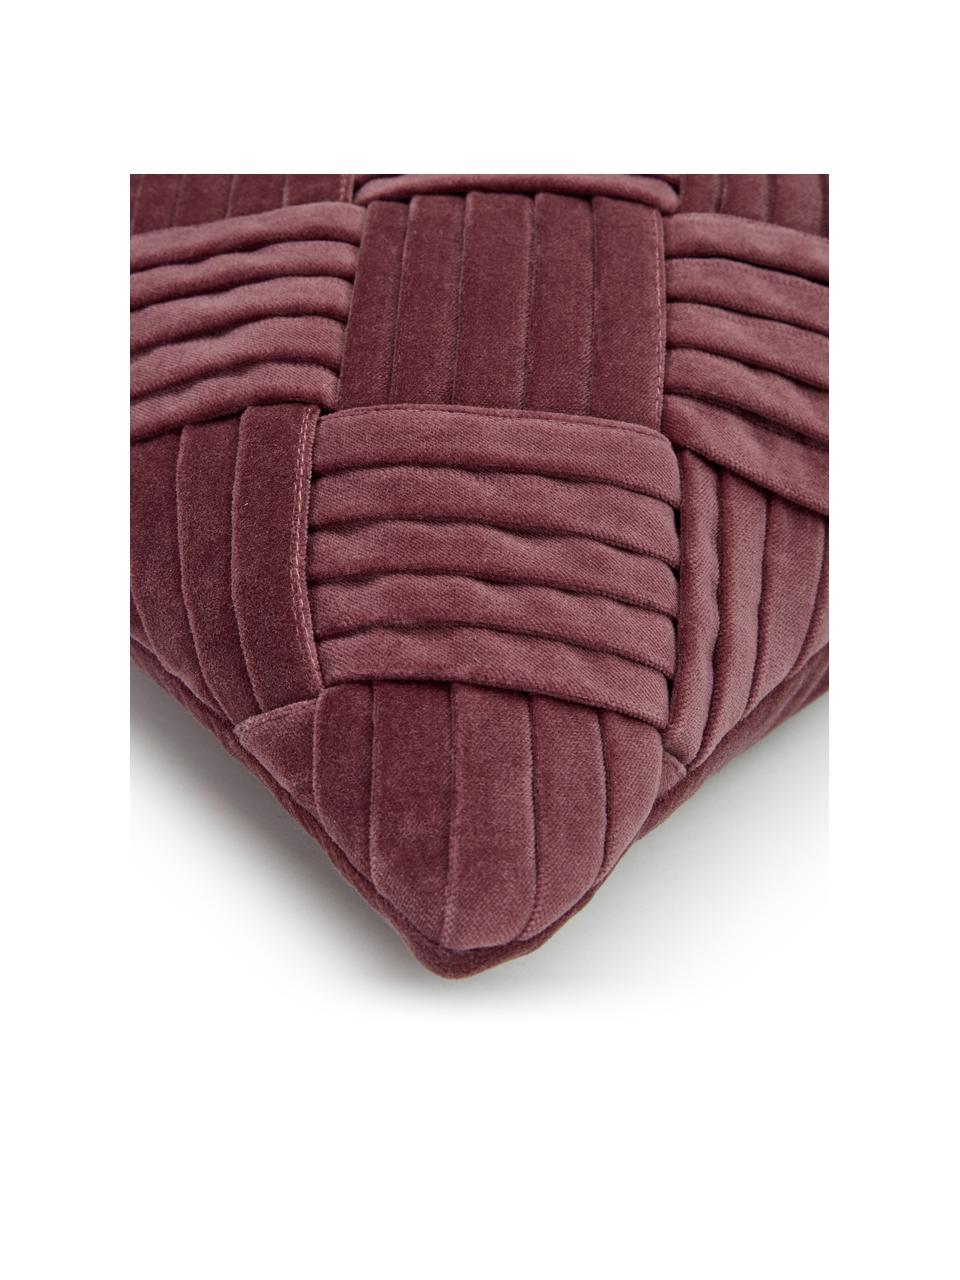 Federa arredo strutturata in velluto rosa cipria Sina, Velluto (100% cotone), Rosa, Larg. 45 x Lung. 45 cm